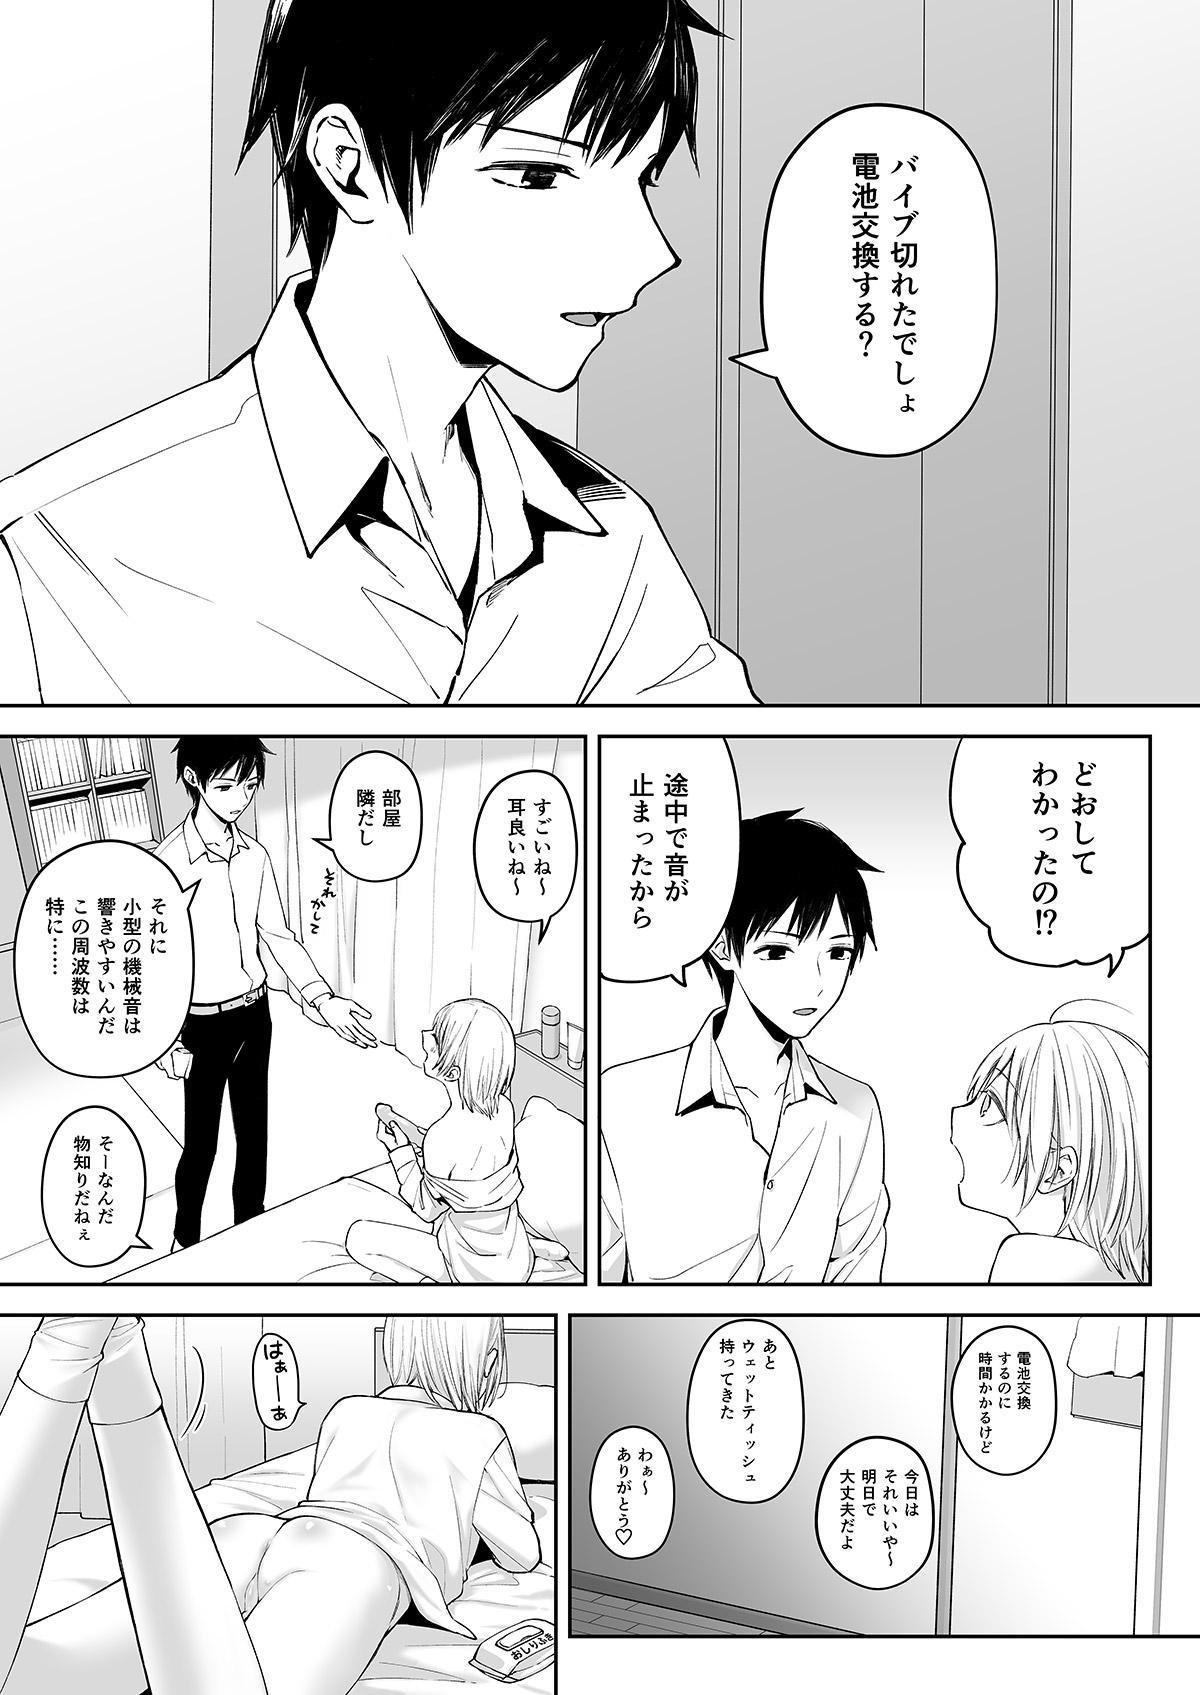 オナ兄さん・夜のおさんぽ露出 6